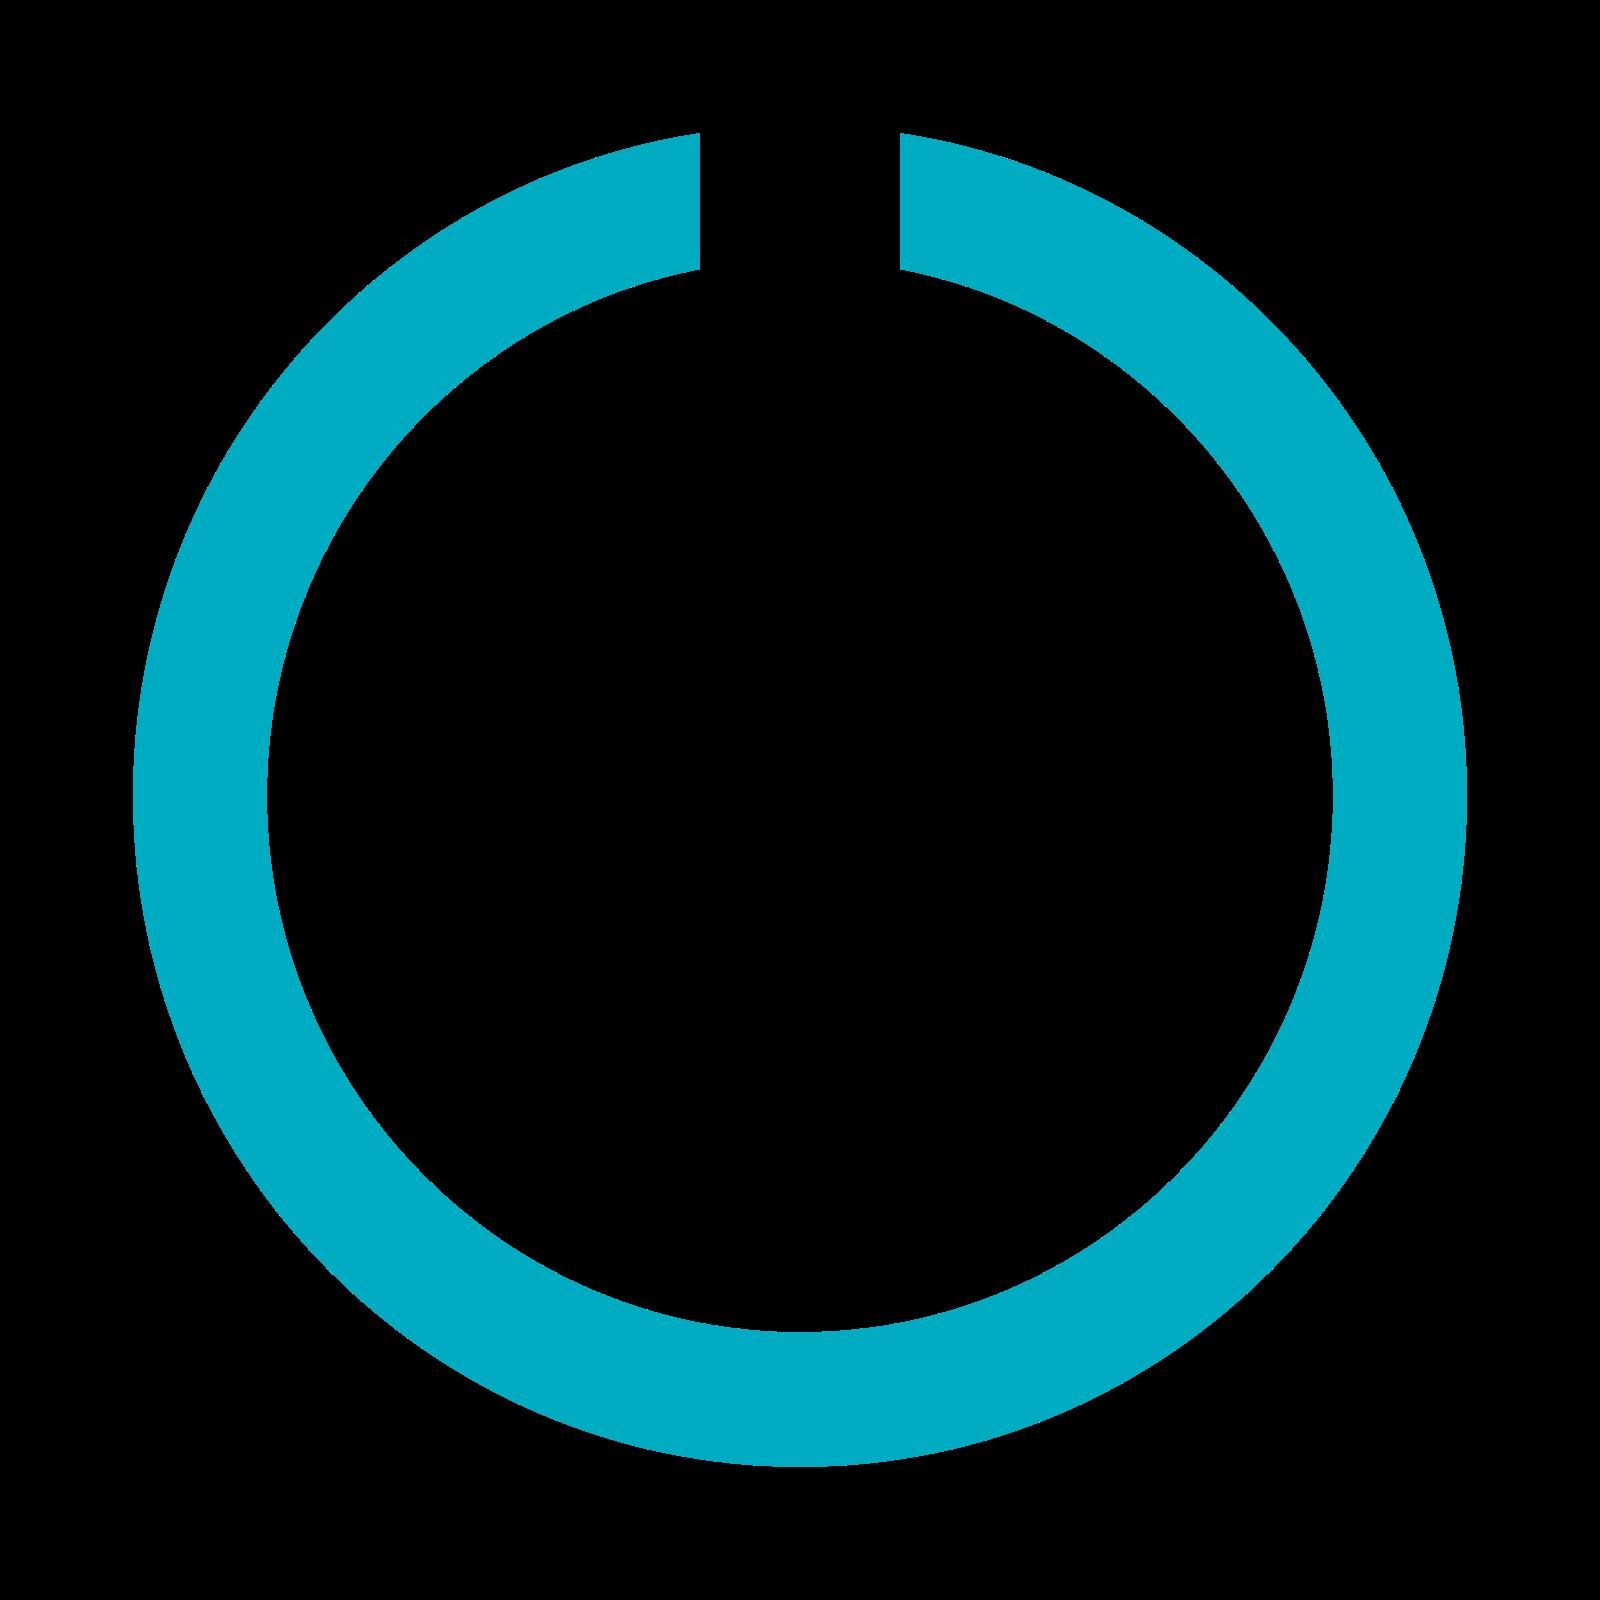 ノッチ icon